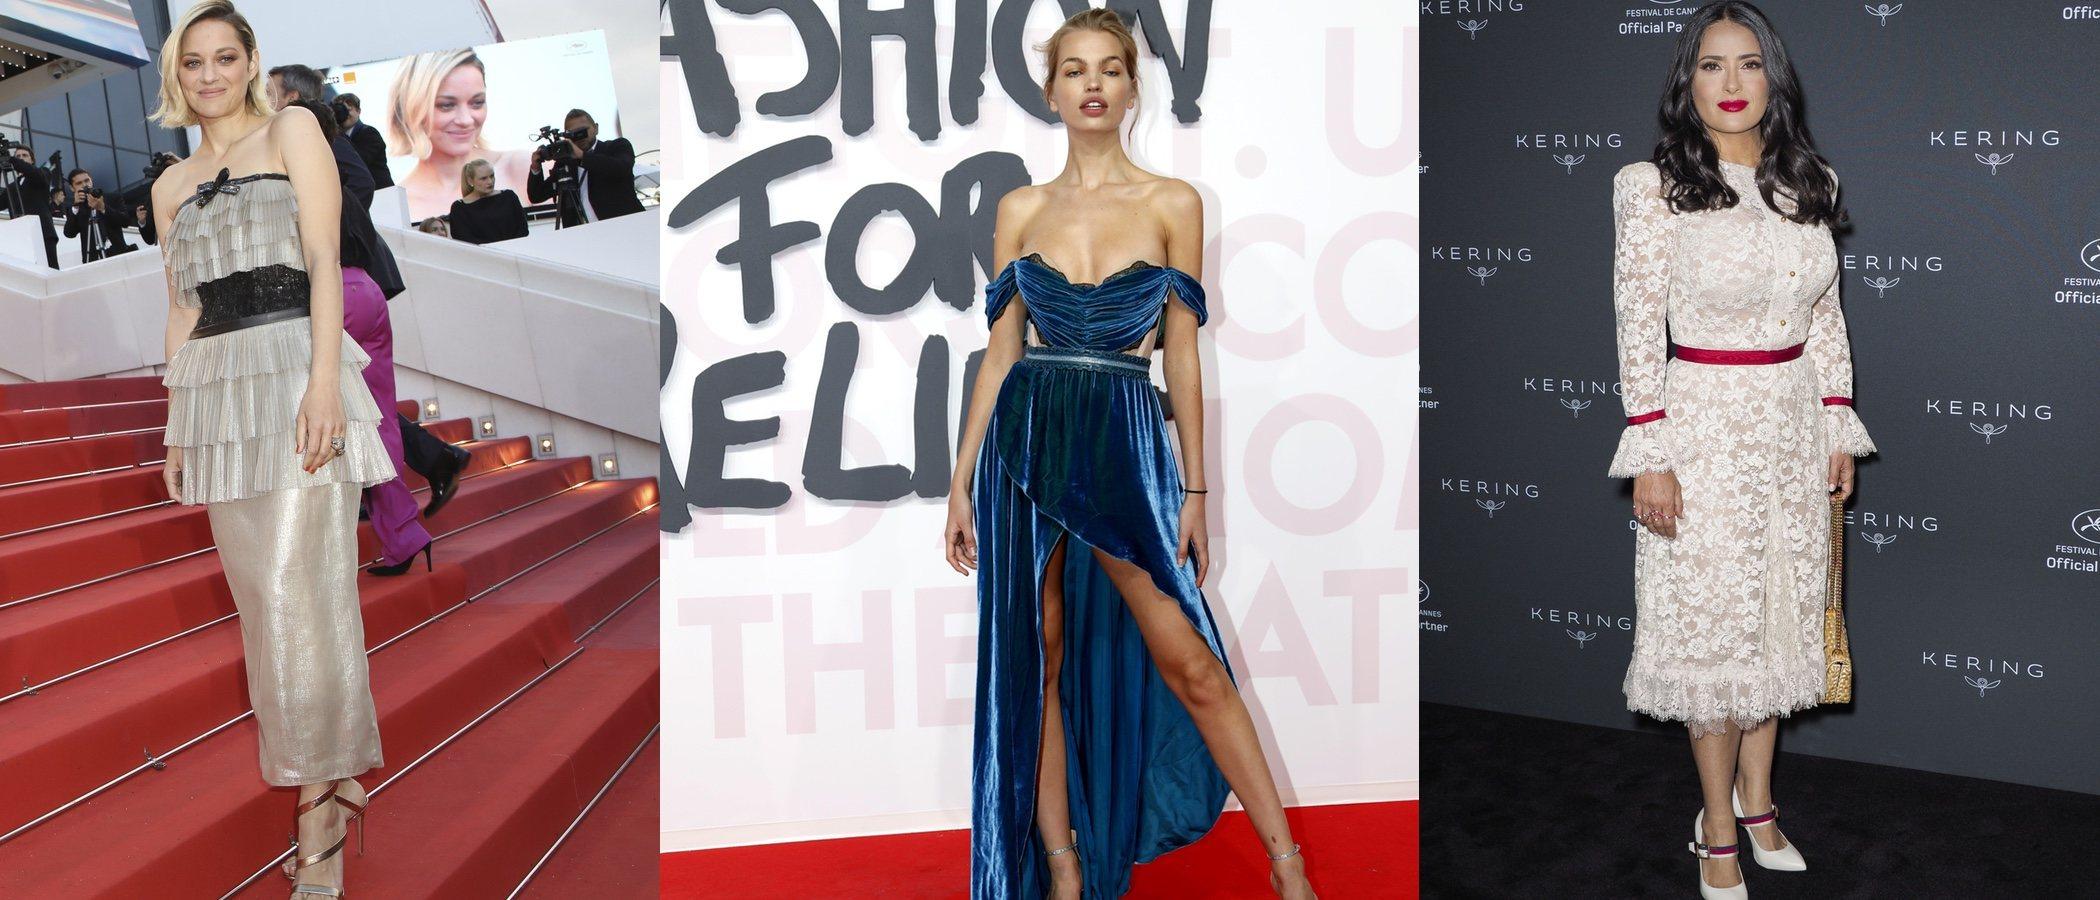 Marion Cotillard, Daphne Groeneveld y Salma Hayek entre las peor vestidas de la semana